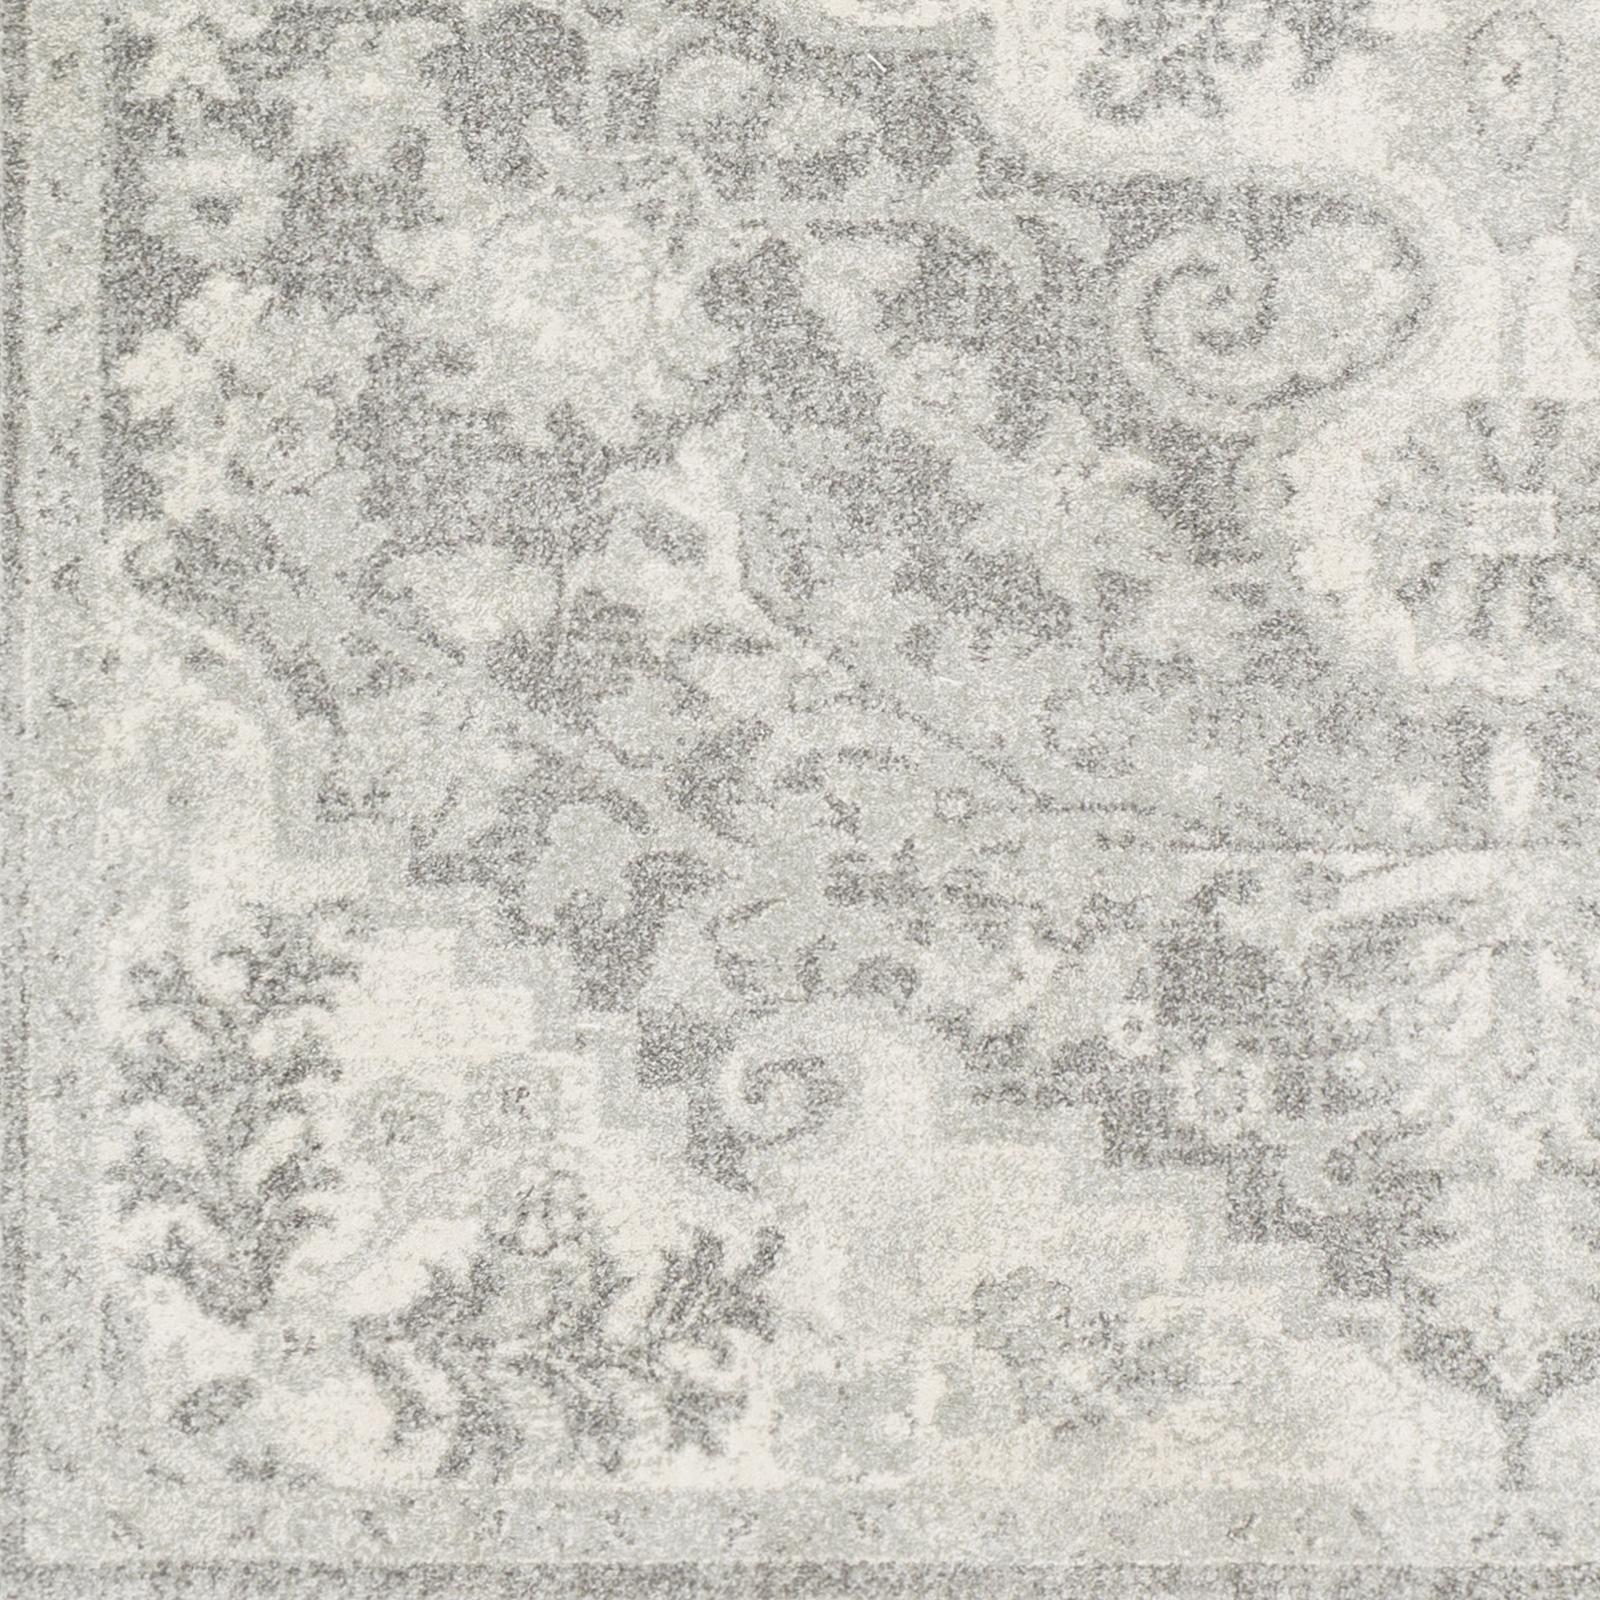 Harput Rug 8 x 10